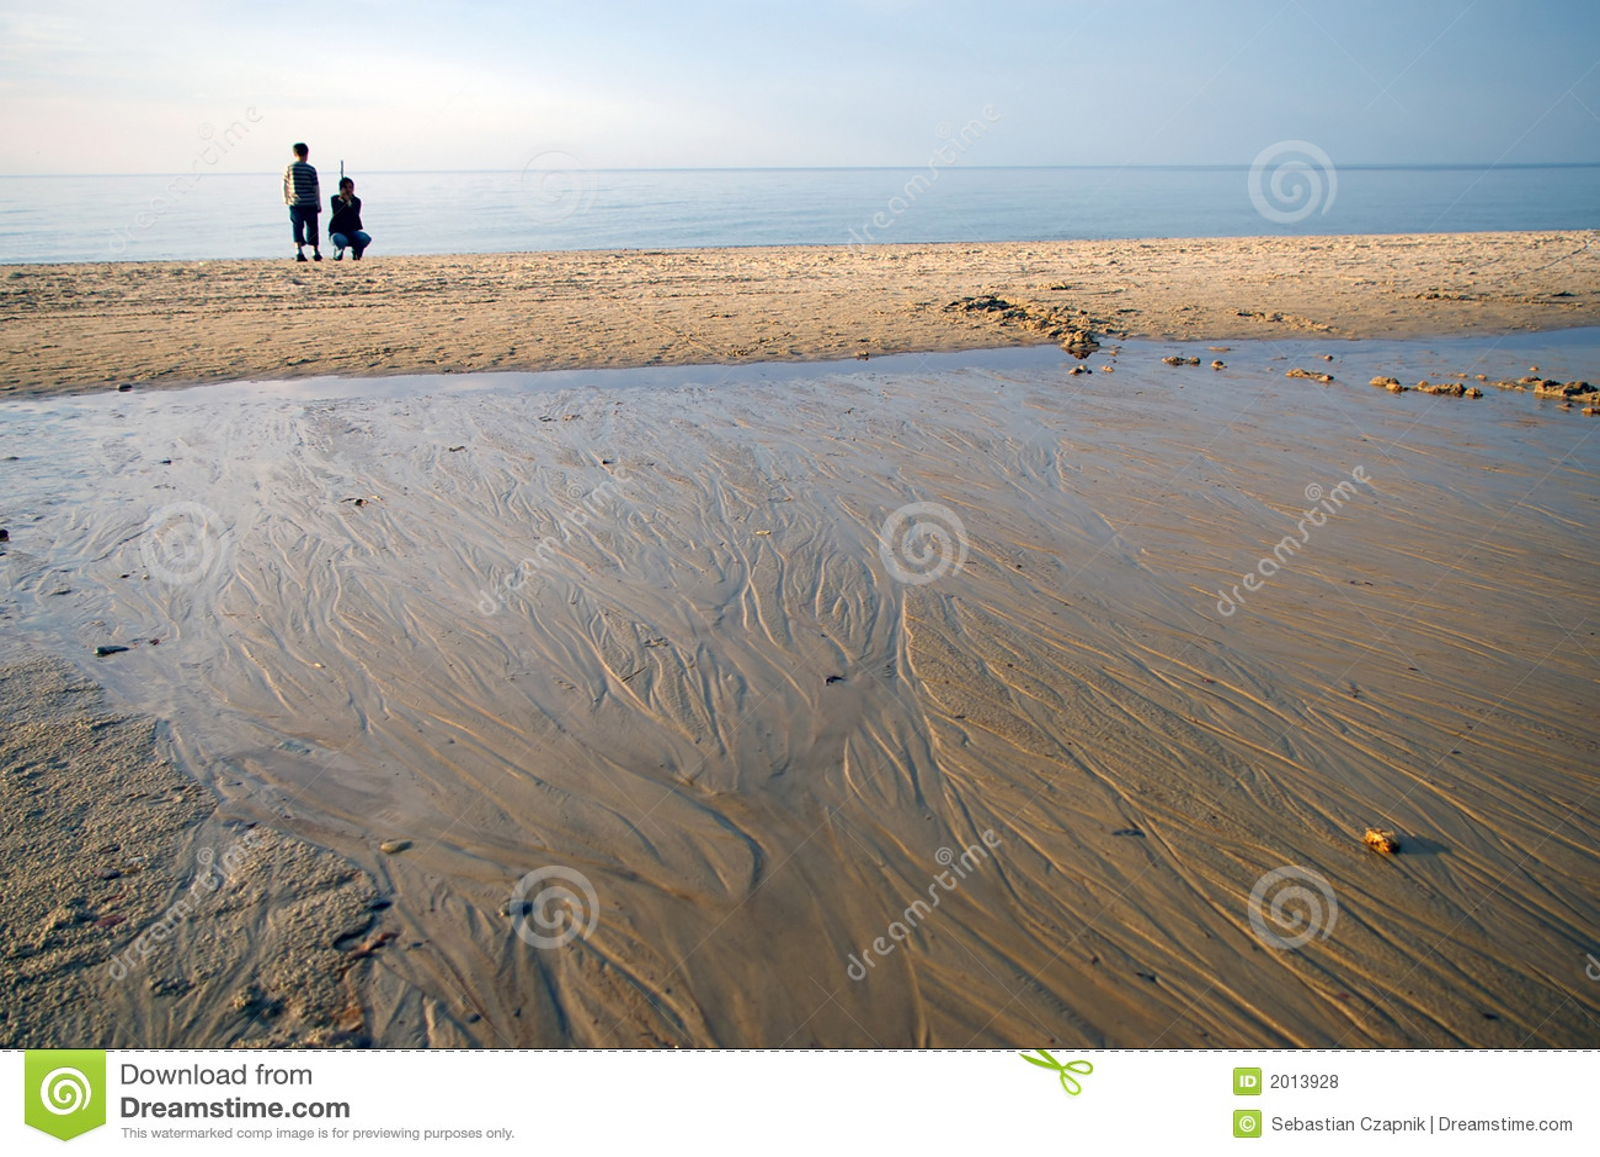 Mère et fils sur la plage